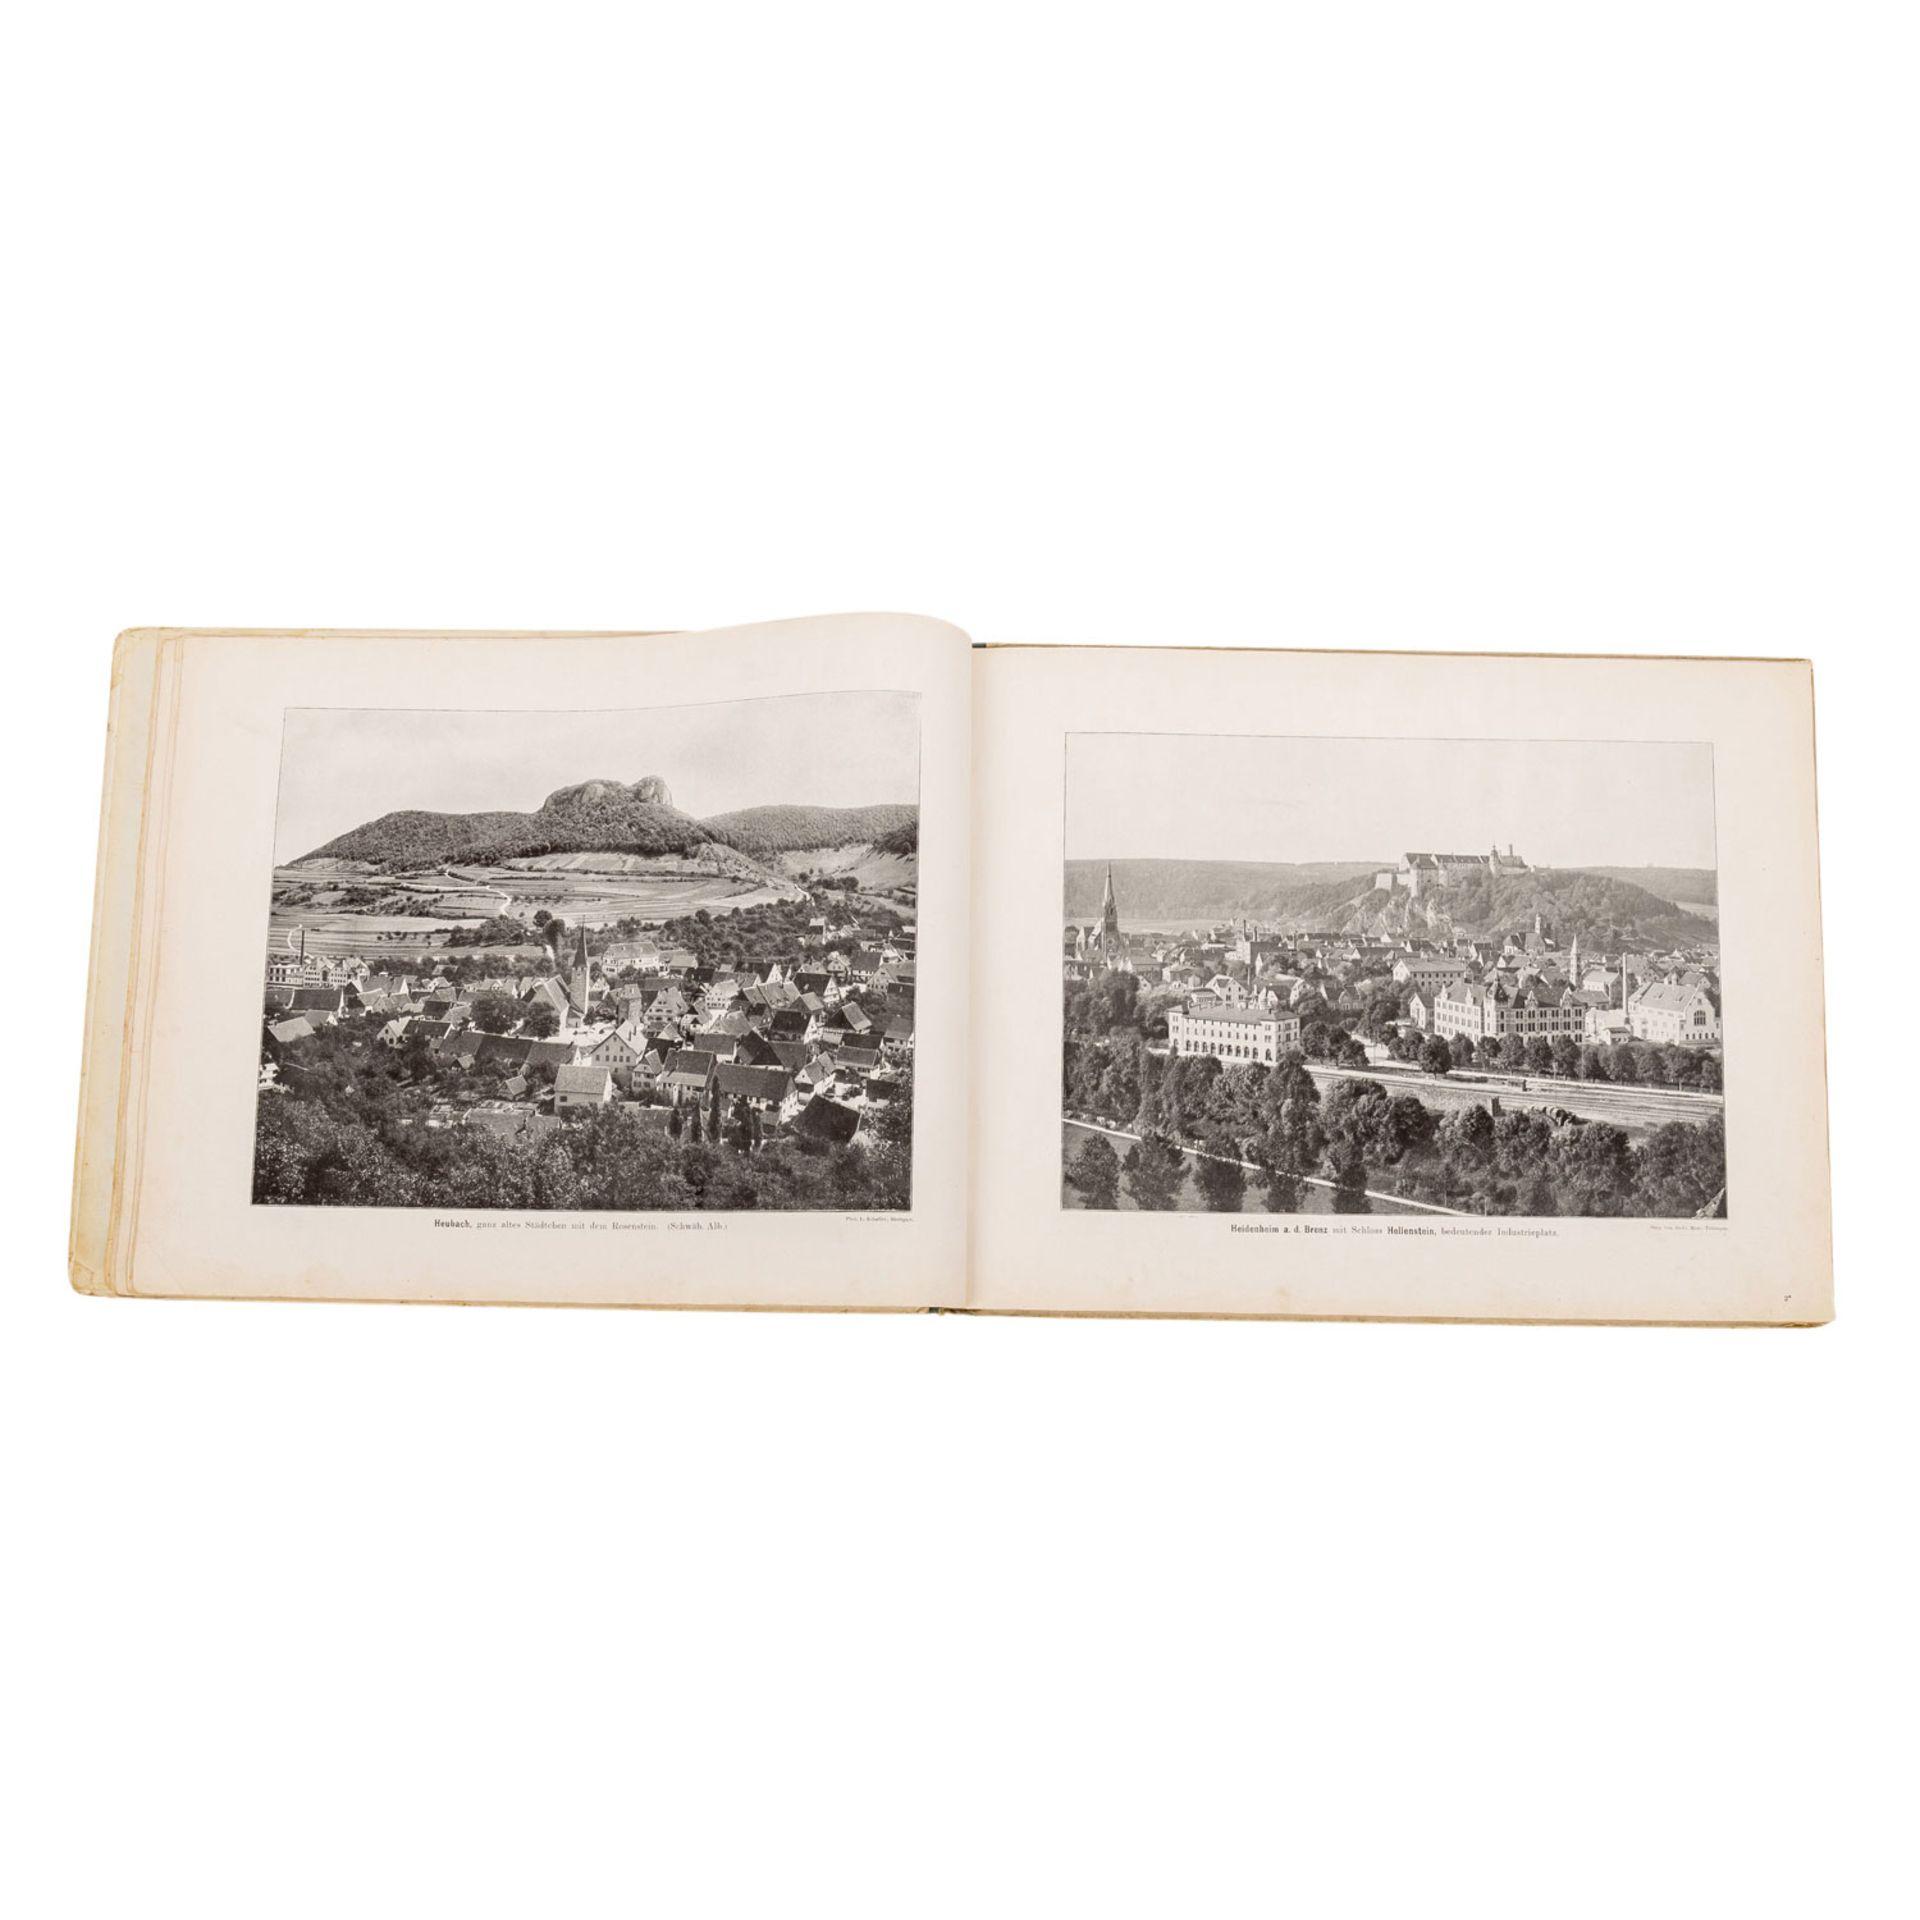 Bildband - Seltene Breuninger Ausgabe - Bild 2 aus 4